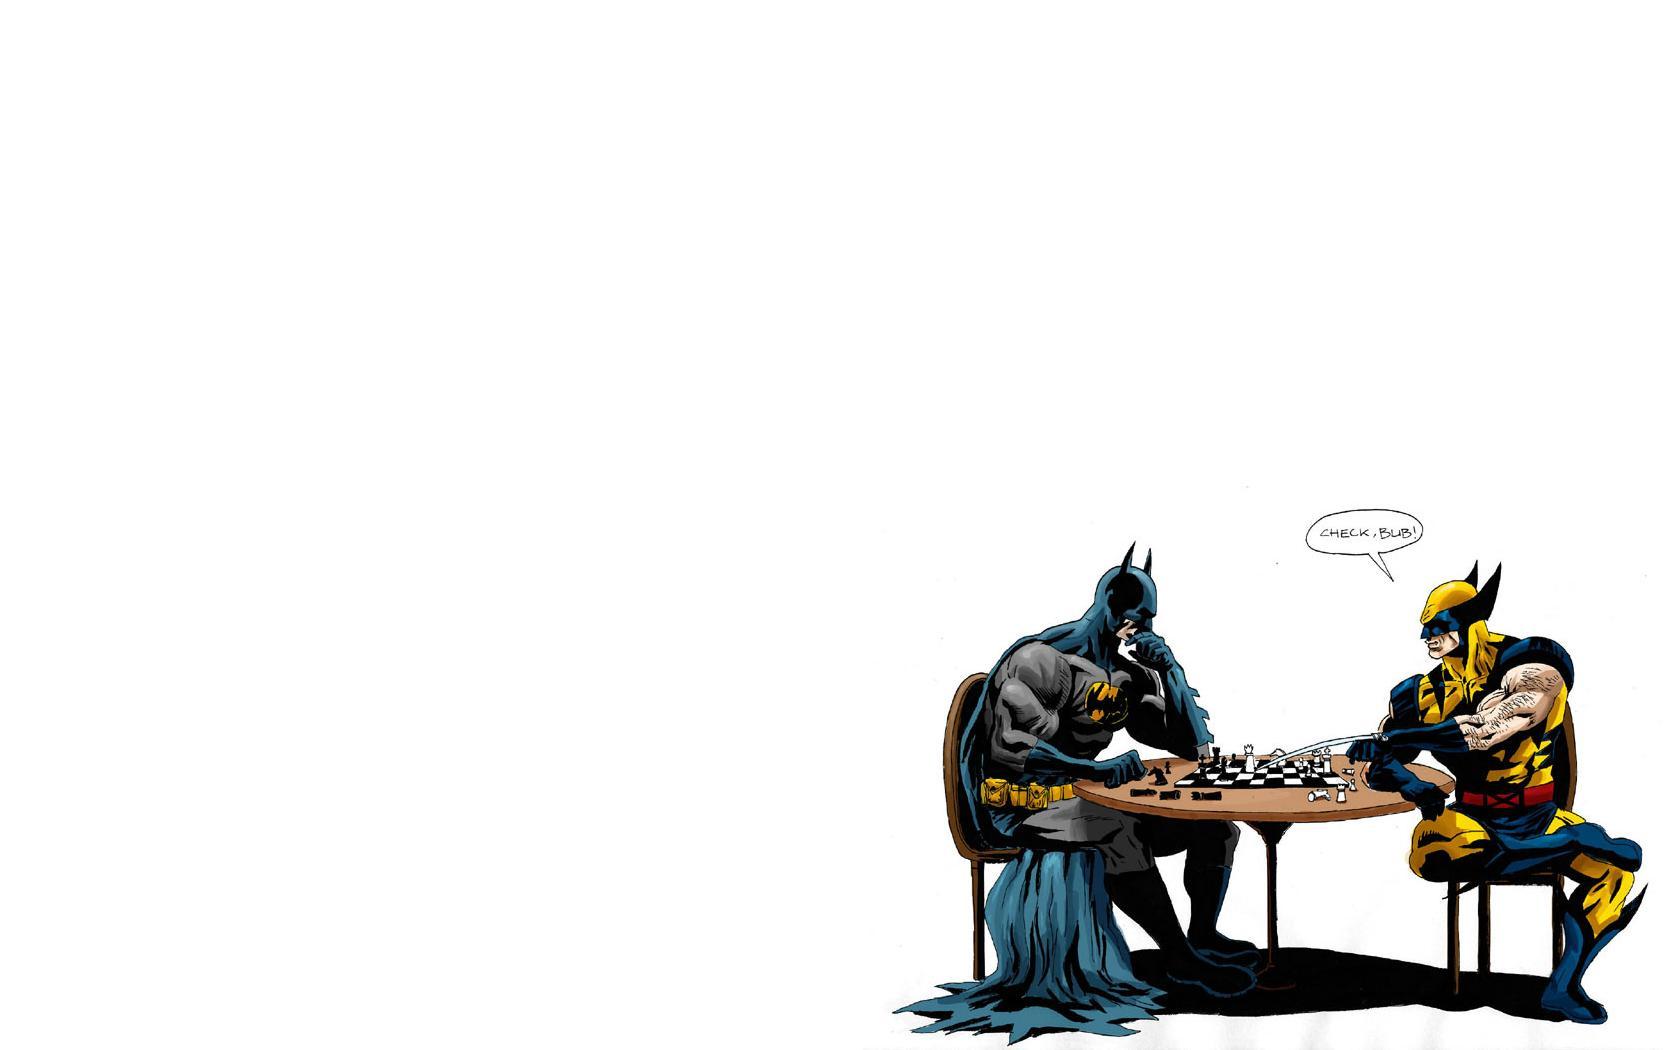 Batman Chess HD Wallpapers Wolverine Batman Chess Desktop Wallpapers 1680x1050